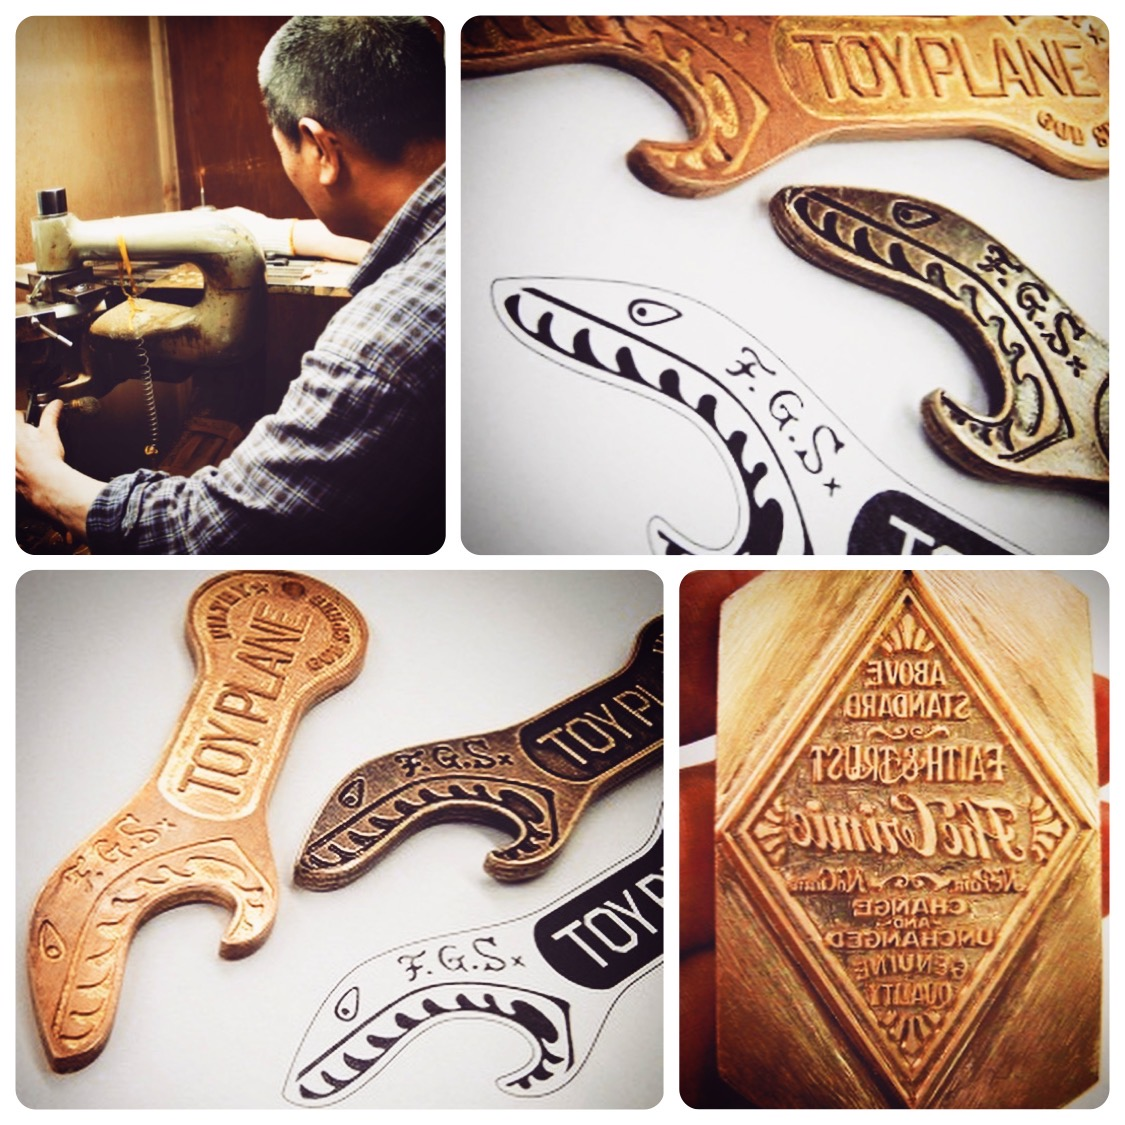 同じお客さまからロゴ入りのオリジナル栓抜き金具の製作依頼を頂きました。上に見えるのが、いわゆる原型 です。原型は素押し金具を同様に真ちゅうの板から、熟練の職人の技術により世界で一つだけの金具が作成されていきます。